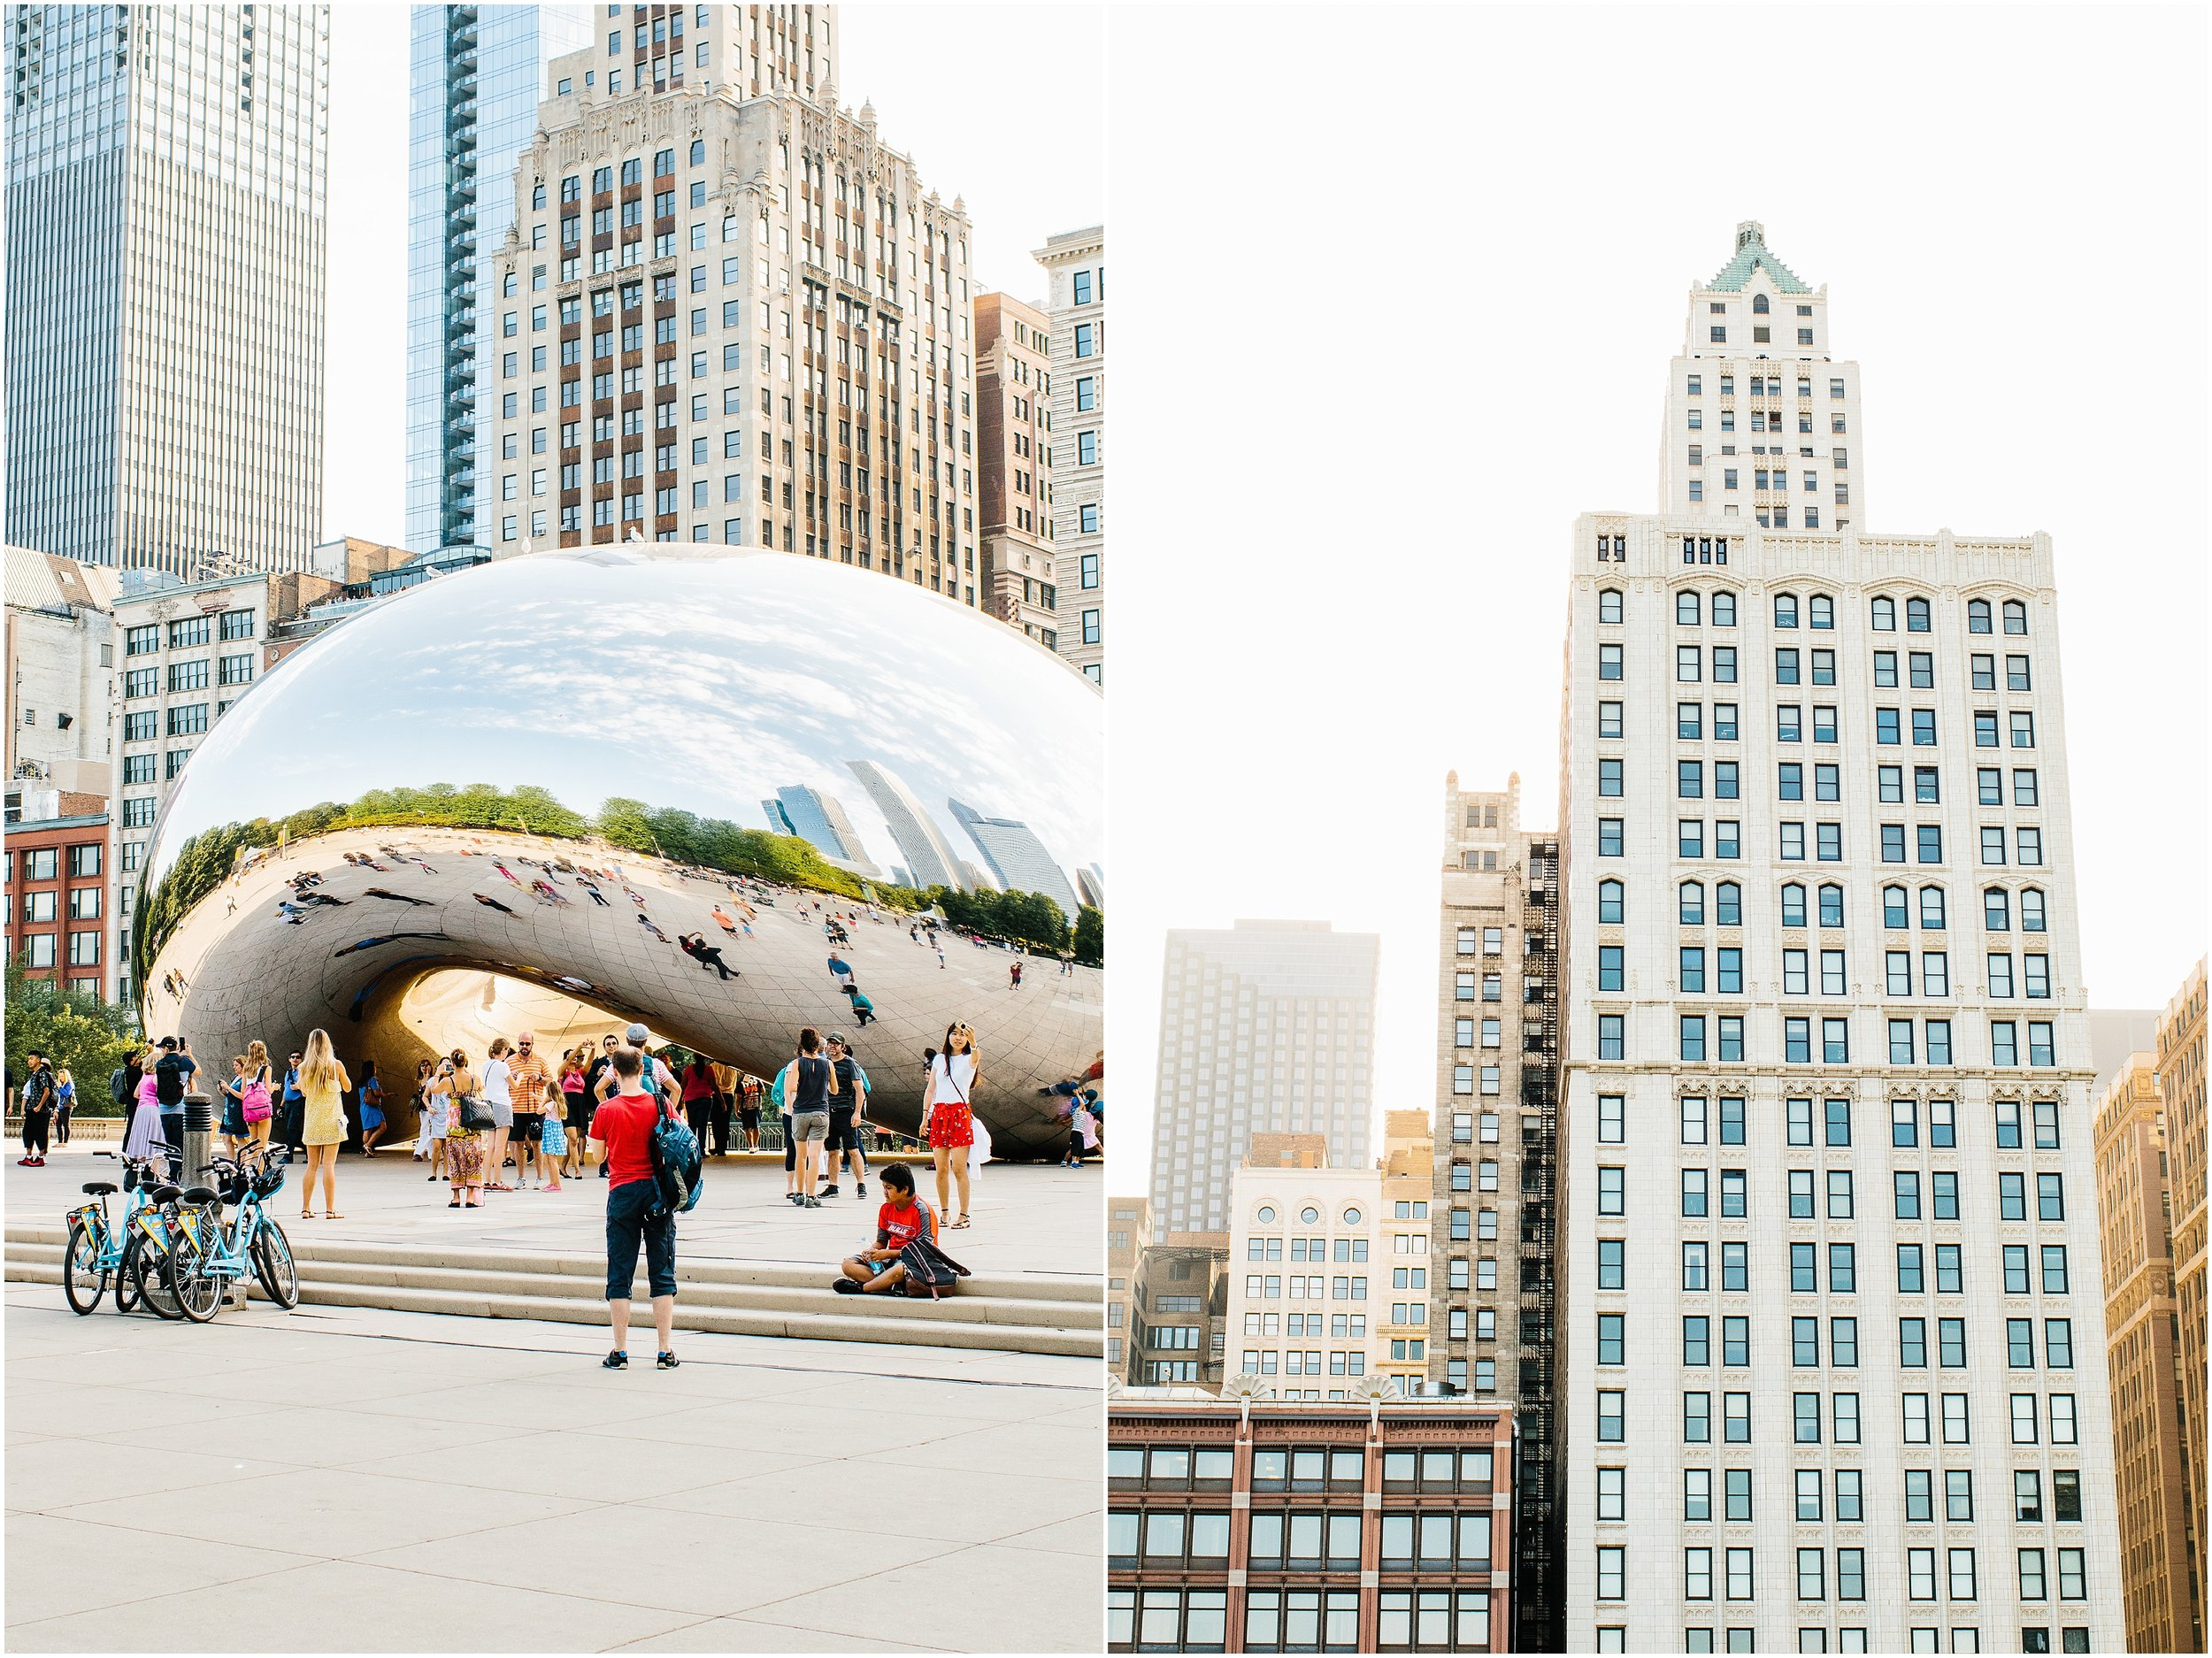 chicago_travel_guide_0498.jpg